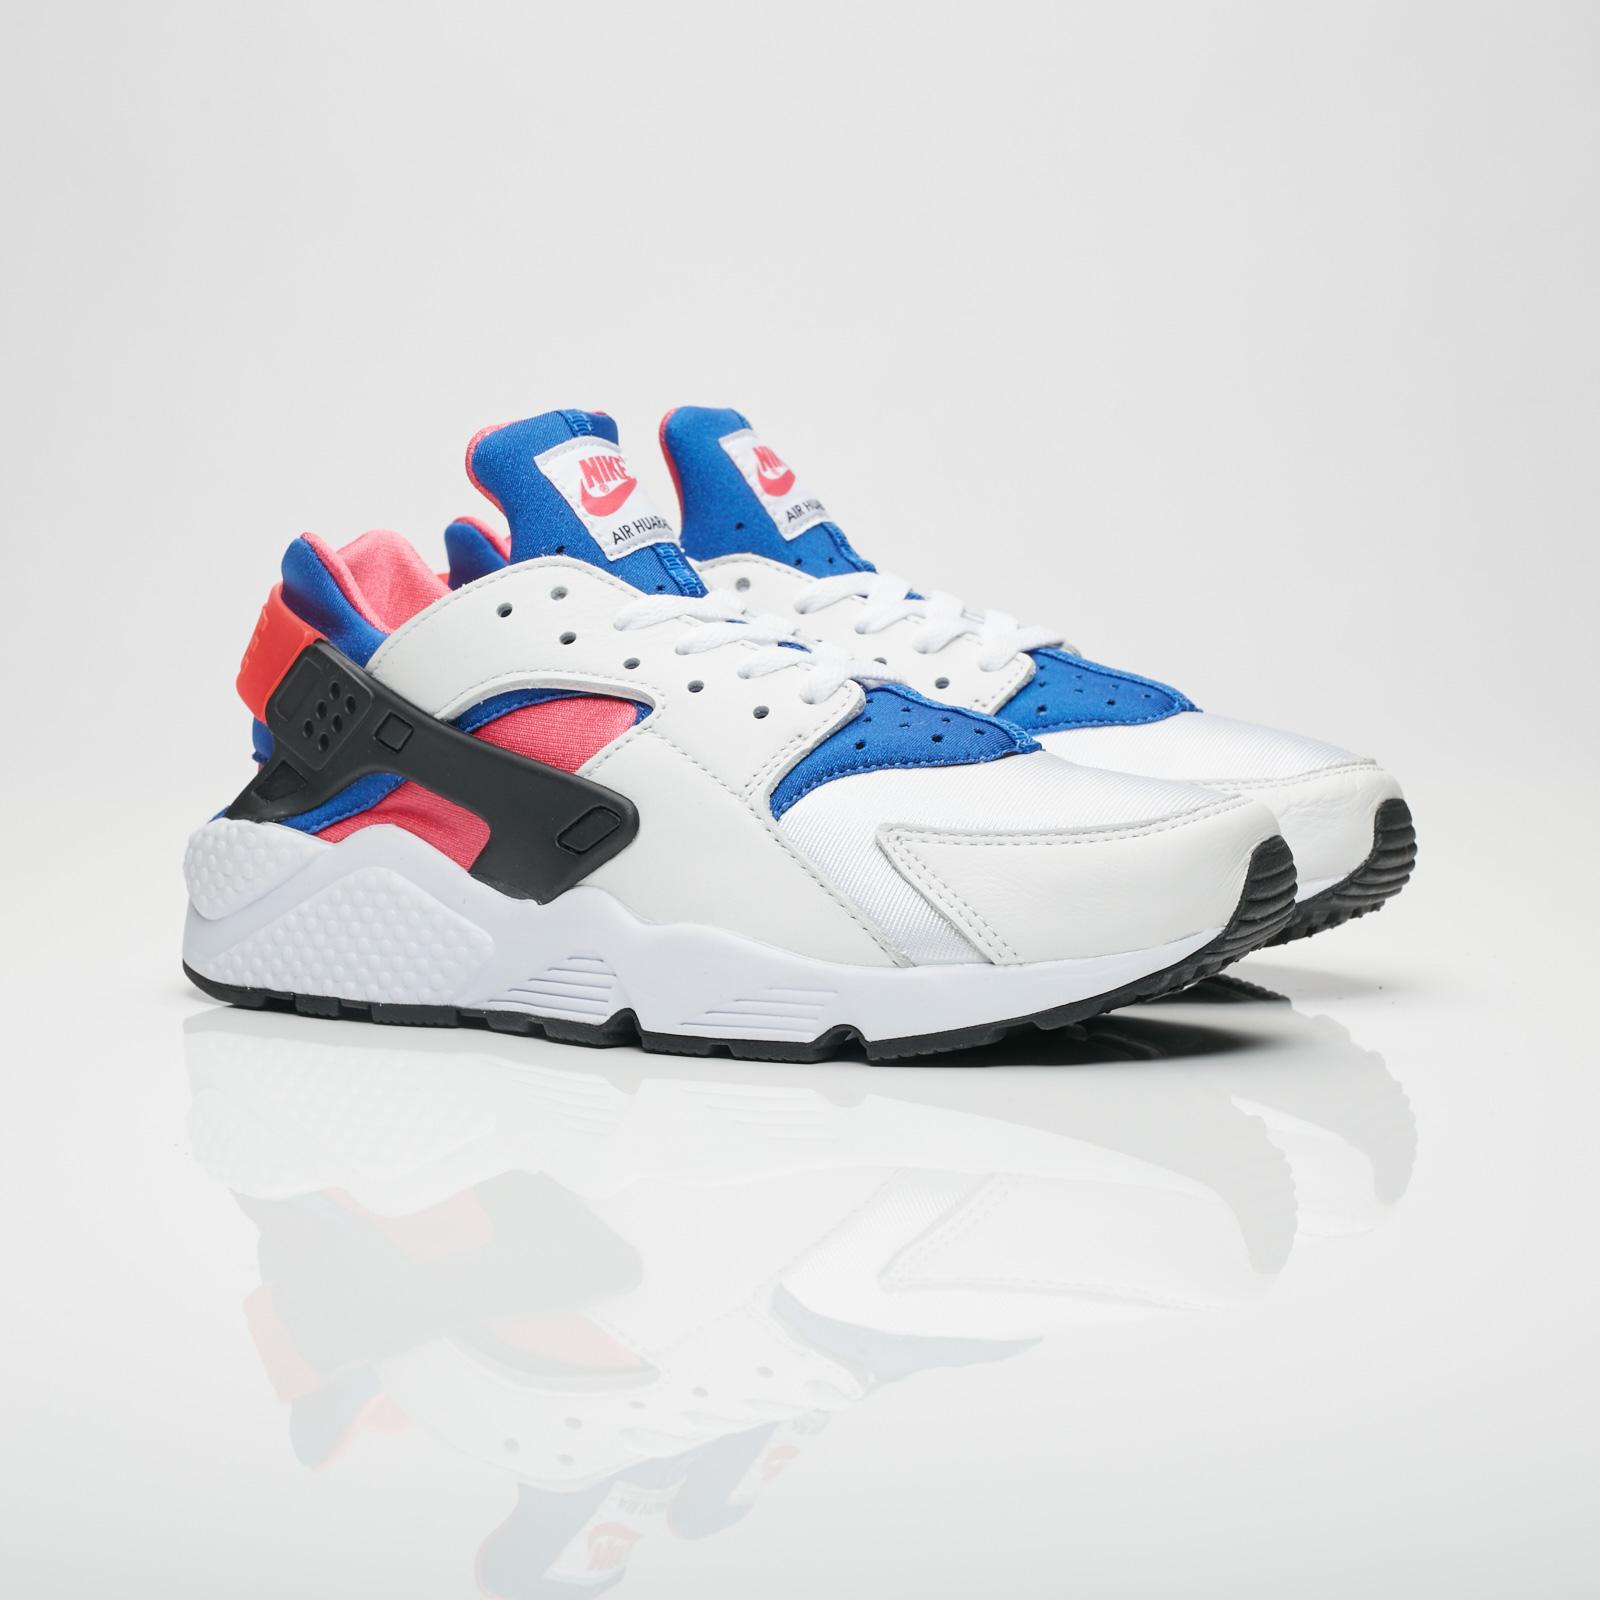 size 40 b1972 df002 Nike Air Huarache Run 91 QS - Ah8049-100 - Sneakersnstuff ...